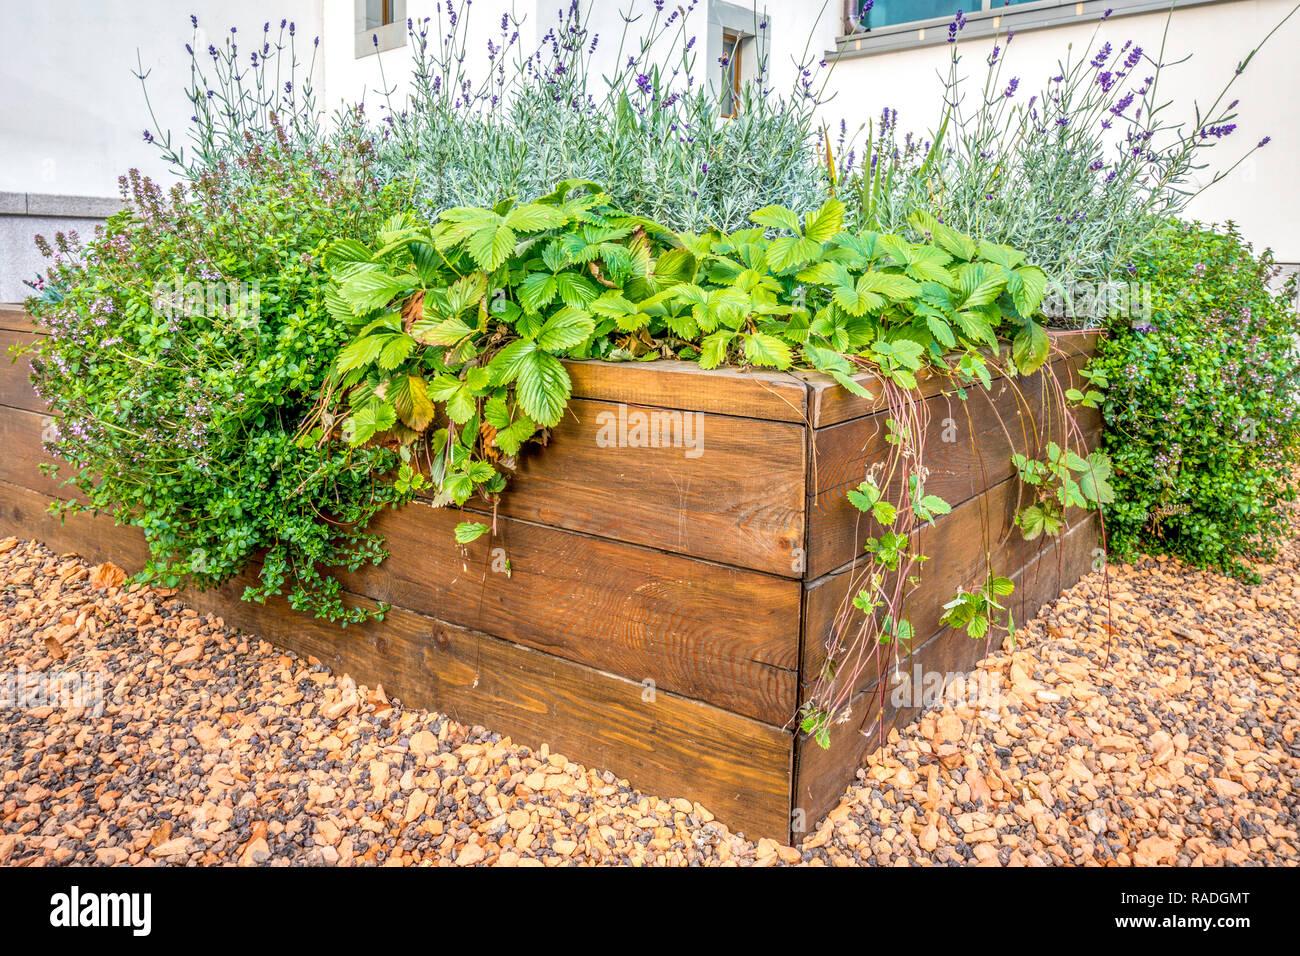 Coltivare In Casa Piante Aromatiche razziò letti in un giardino urbano la coltivazione di piante